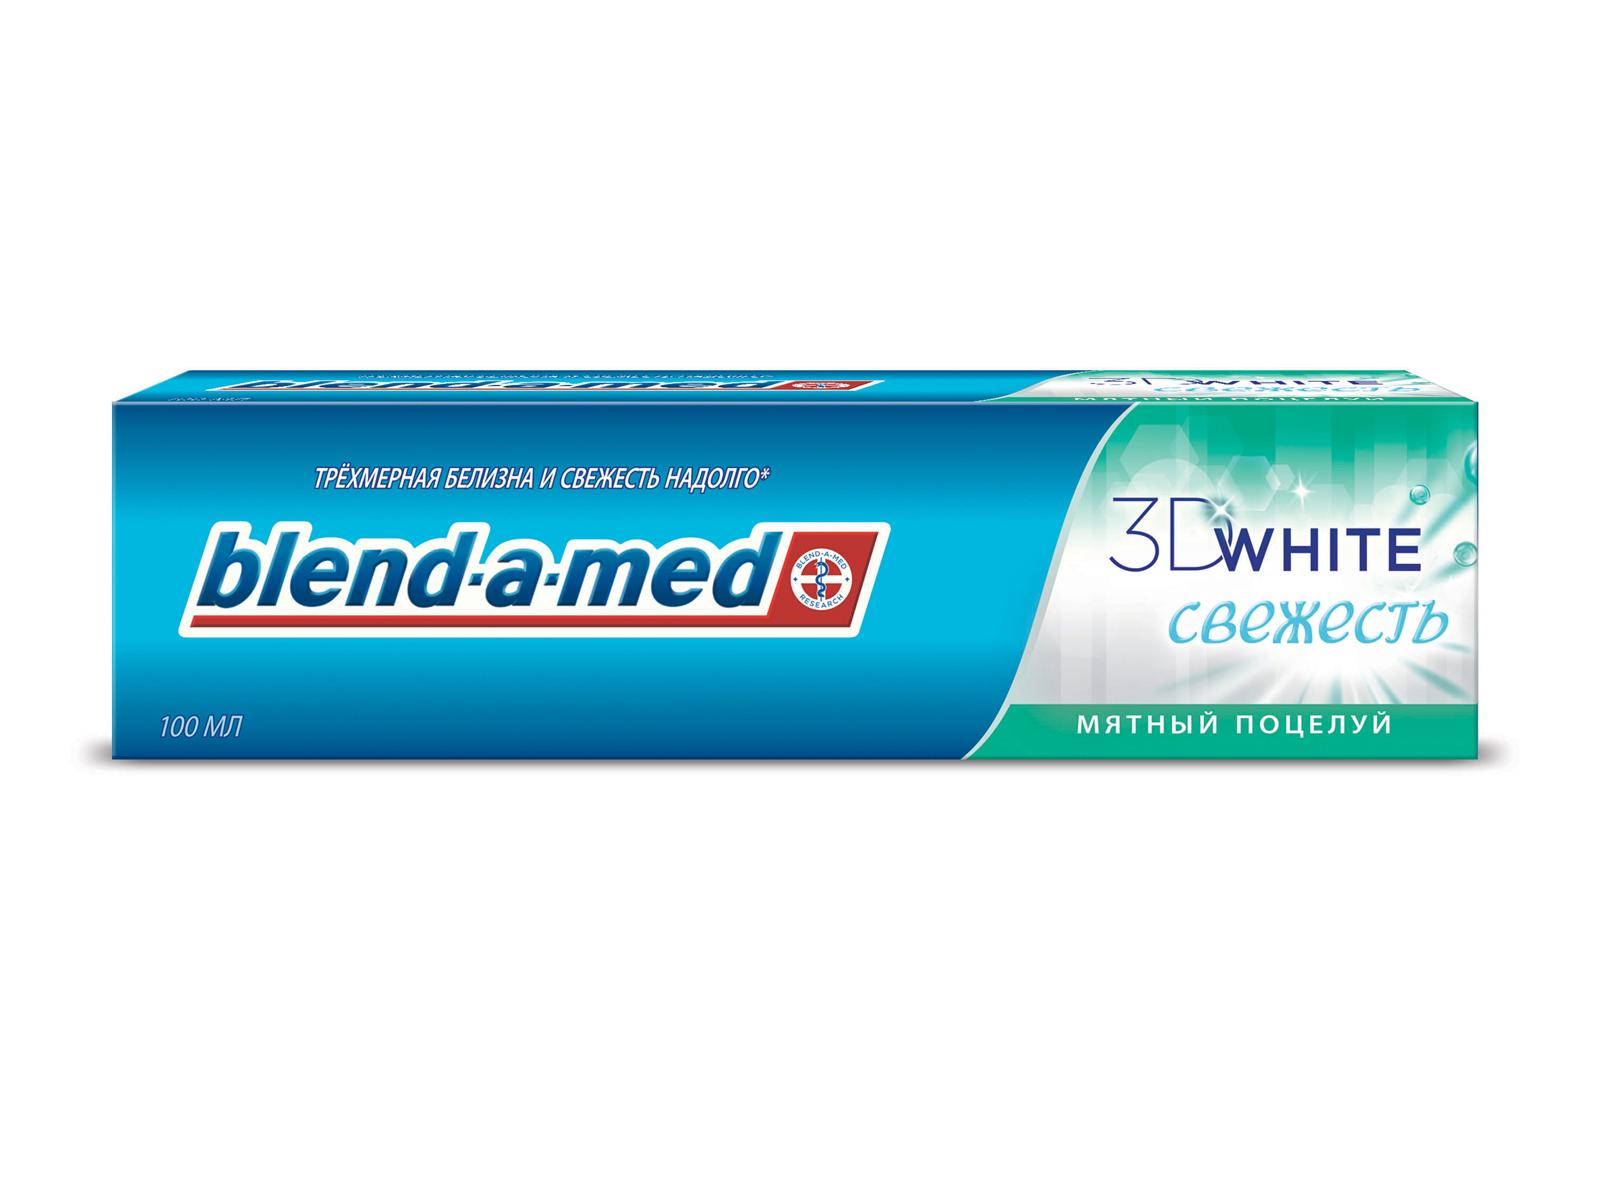 Blend-a-med Зубная паста 3D White Свежесть Мятный Поцелуй, 100 млBM-81419622Зубная паста Blend-a-med 3D White Fresh Мятный поцелуй позволяет сохранять свежее дыхание до 6 раз дольше*!Blend-a-med 3D White Fresh Мятный поцелуй дарит вам уверенность в себе. Она не только освежает дыхание, но и обладает таким же отбеливающим эффектом, как и остальные зубные пасты семейства 3D White: специальные вещества 3D Fresh придают свежесть, отбеливающие частицы, оказывающие воздействие на поверхность языка, десен и зубов, сохраняют ваши зубы ослепительно белоснежными во всех трех измерениях – впереди, сзади и даже в промежутках между зубами! Рекомендуется использовать с зубной щеткой Oral-B 3D White. *по сравнению с зубной пастой Blend-a-med 3D White - Трехмерная белизна и свежесть надолго. - Обеспечивает качественный уход за здоровьем полости рта. - Возвращает естественную белизну зубов. - Отбеливающие частицы, оказывающие воздействие на поверхность языка, десен и зубов, сохраняют ваши зубы ослепительно белоснежными во всех трех измерениях – впереди, сзади и даже в промежутках между зубами! - Безопасно для эмали. Срок хранения – 2 года. «Проктер энд Гэмбл», Германия.Уважаемые клиенты! Обращаем ваше внимание на возможные изменения в дизайне упаковки. Качественные характеристики товара остаются неизменными. Поставка осуществляется в зависимости от наличия на складе.